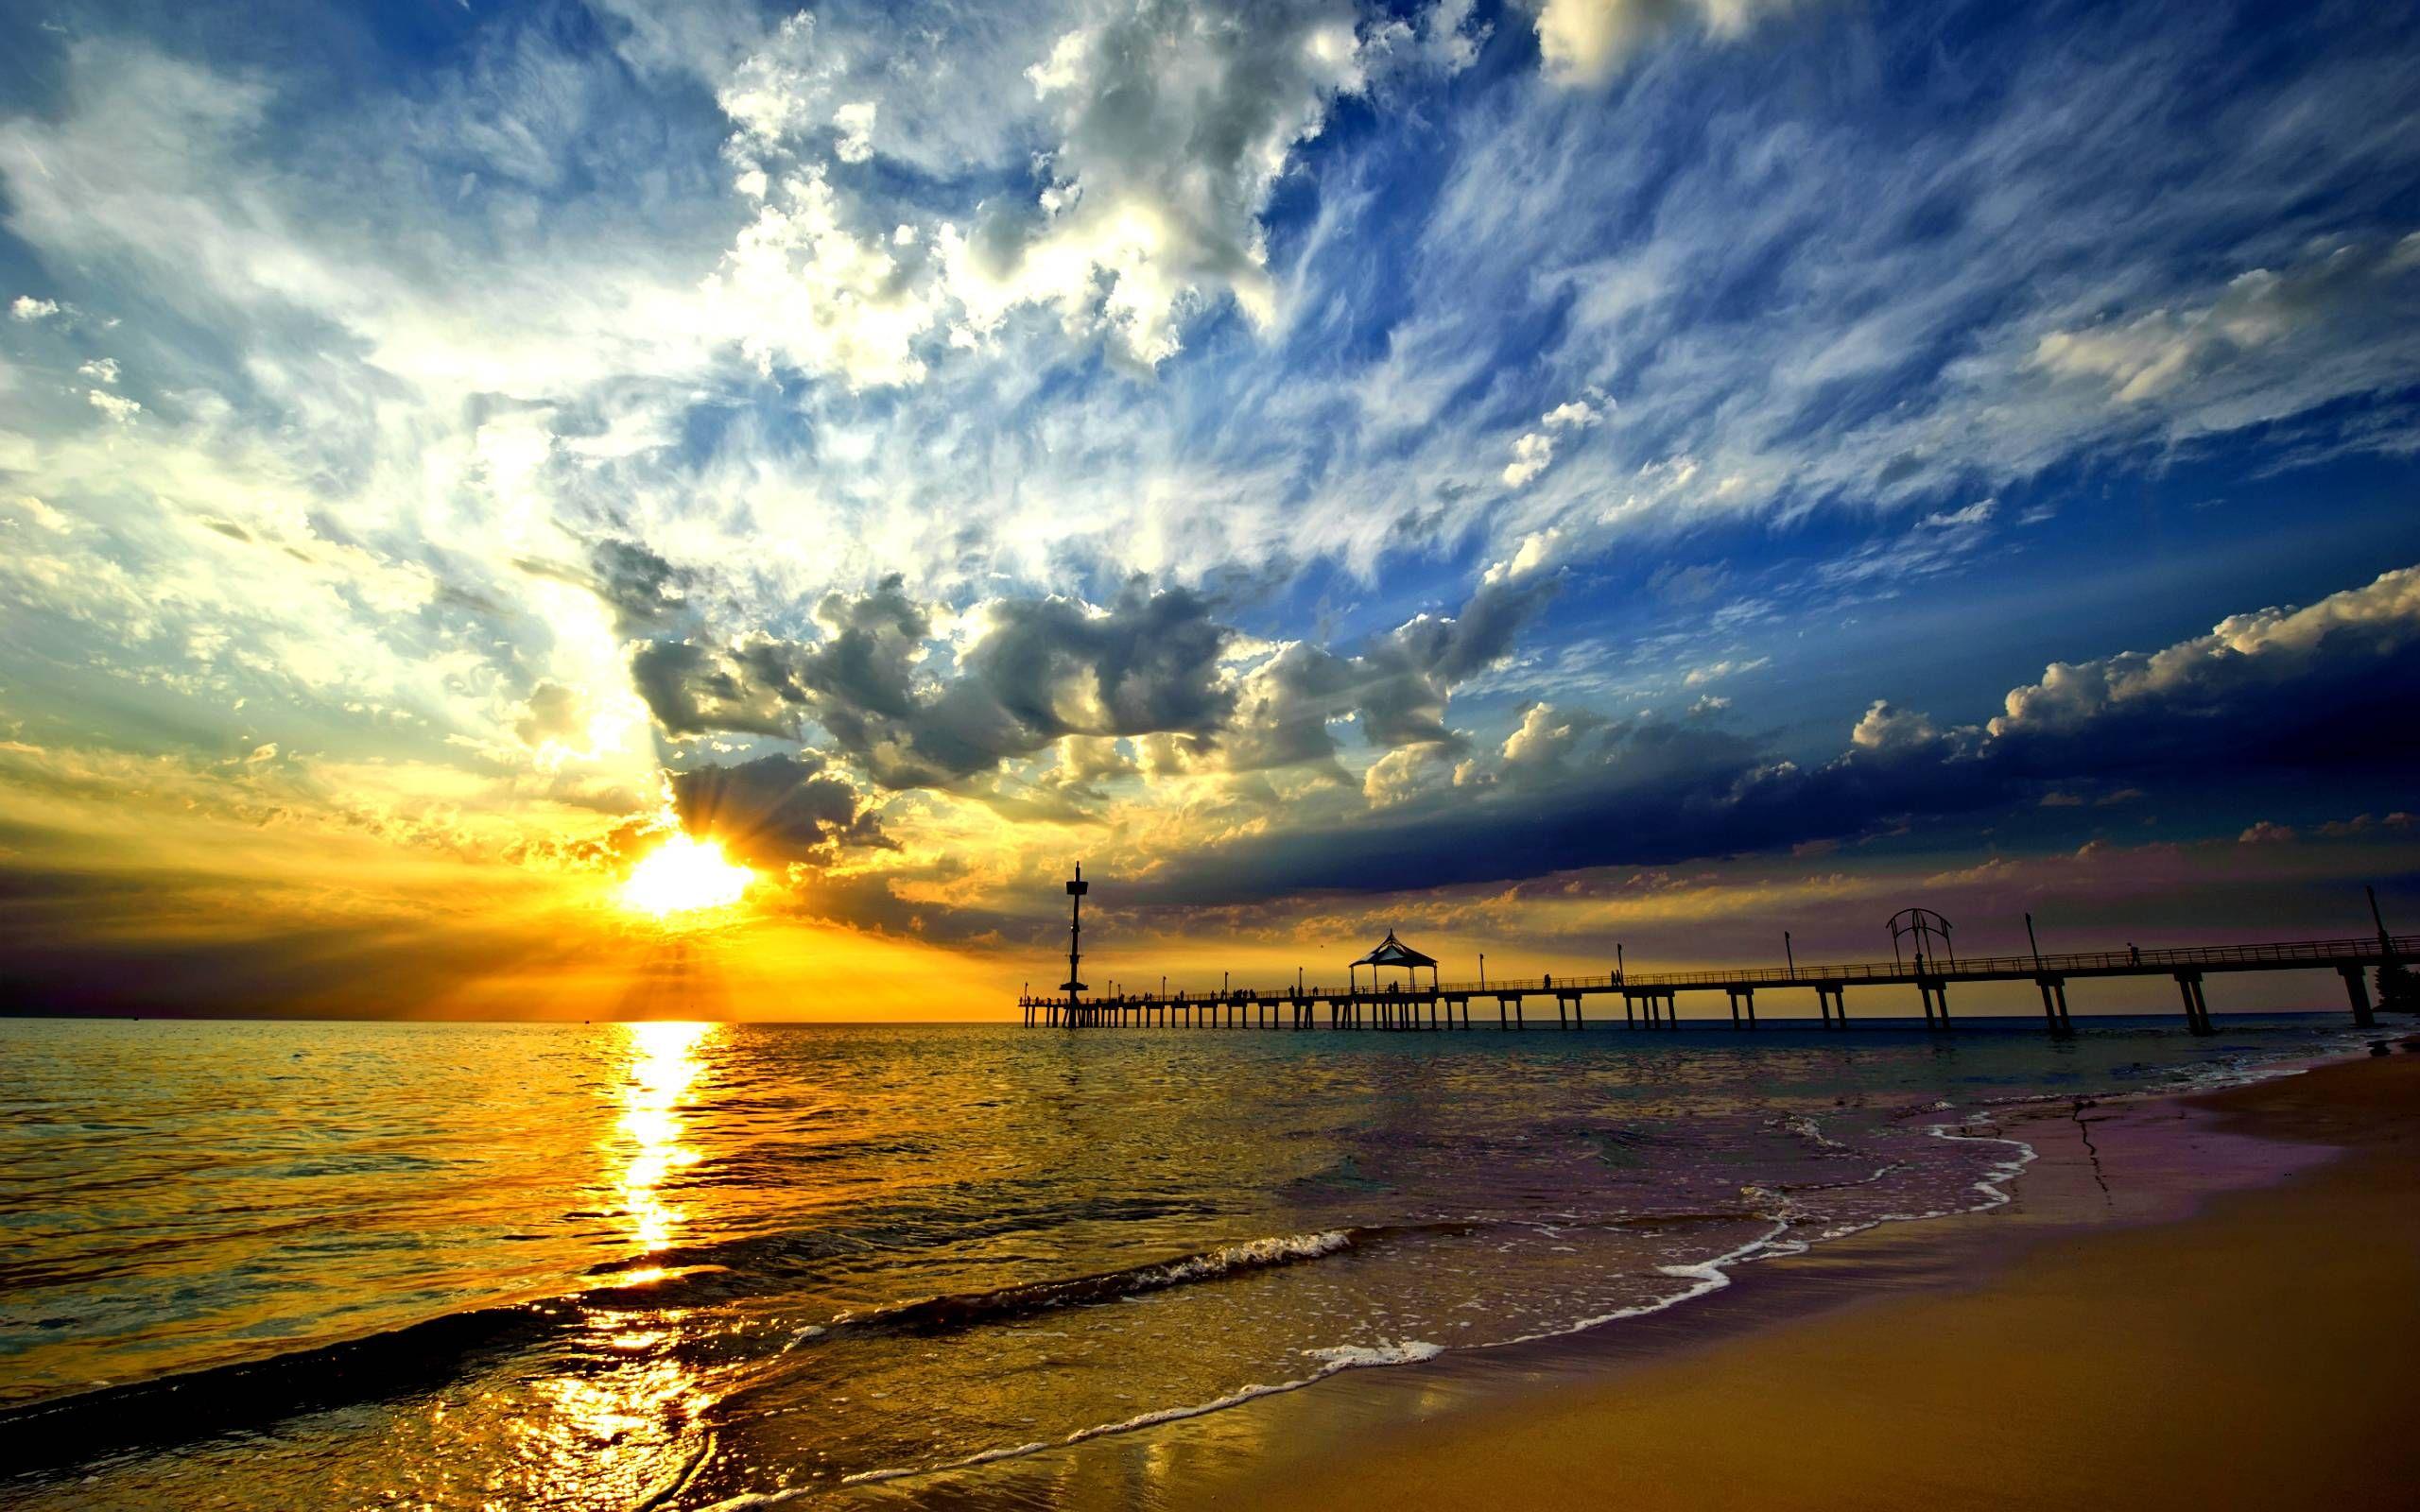 Pin by BasiaK on natura | Pinterest | Beautiful sky, Sky hd and ...